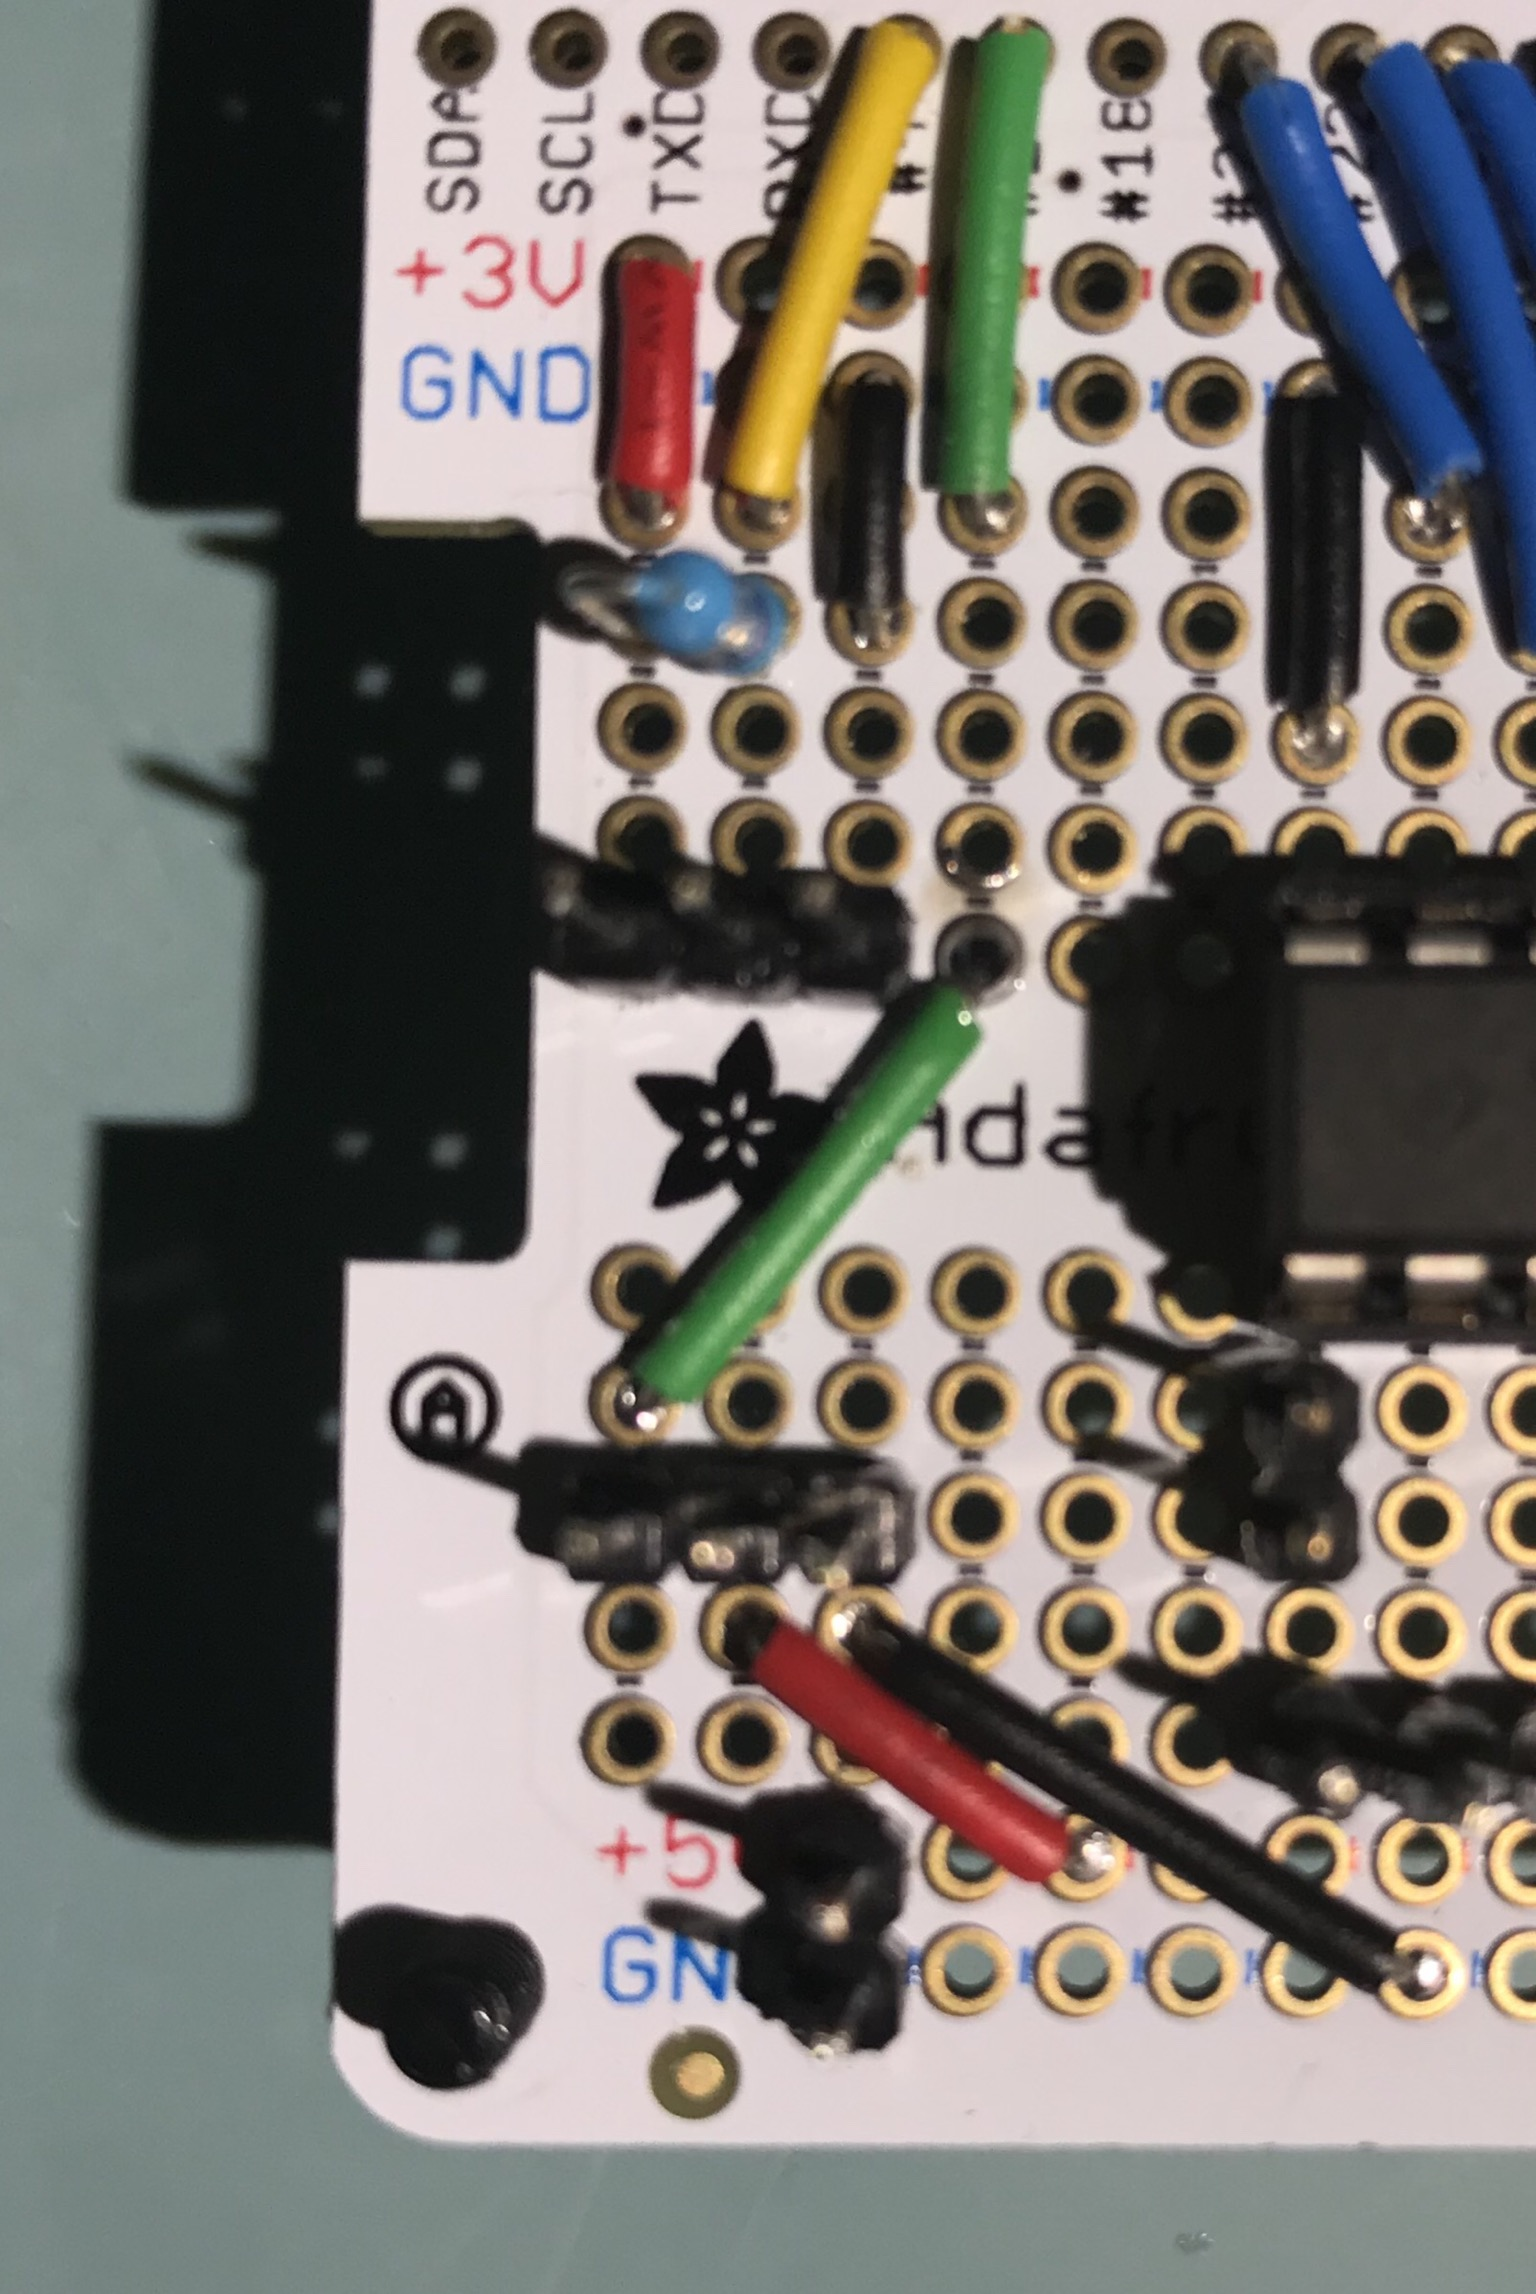 sensors_B24F8173-5B9D-45A2-8F88-5468CBB847AC.jpeg